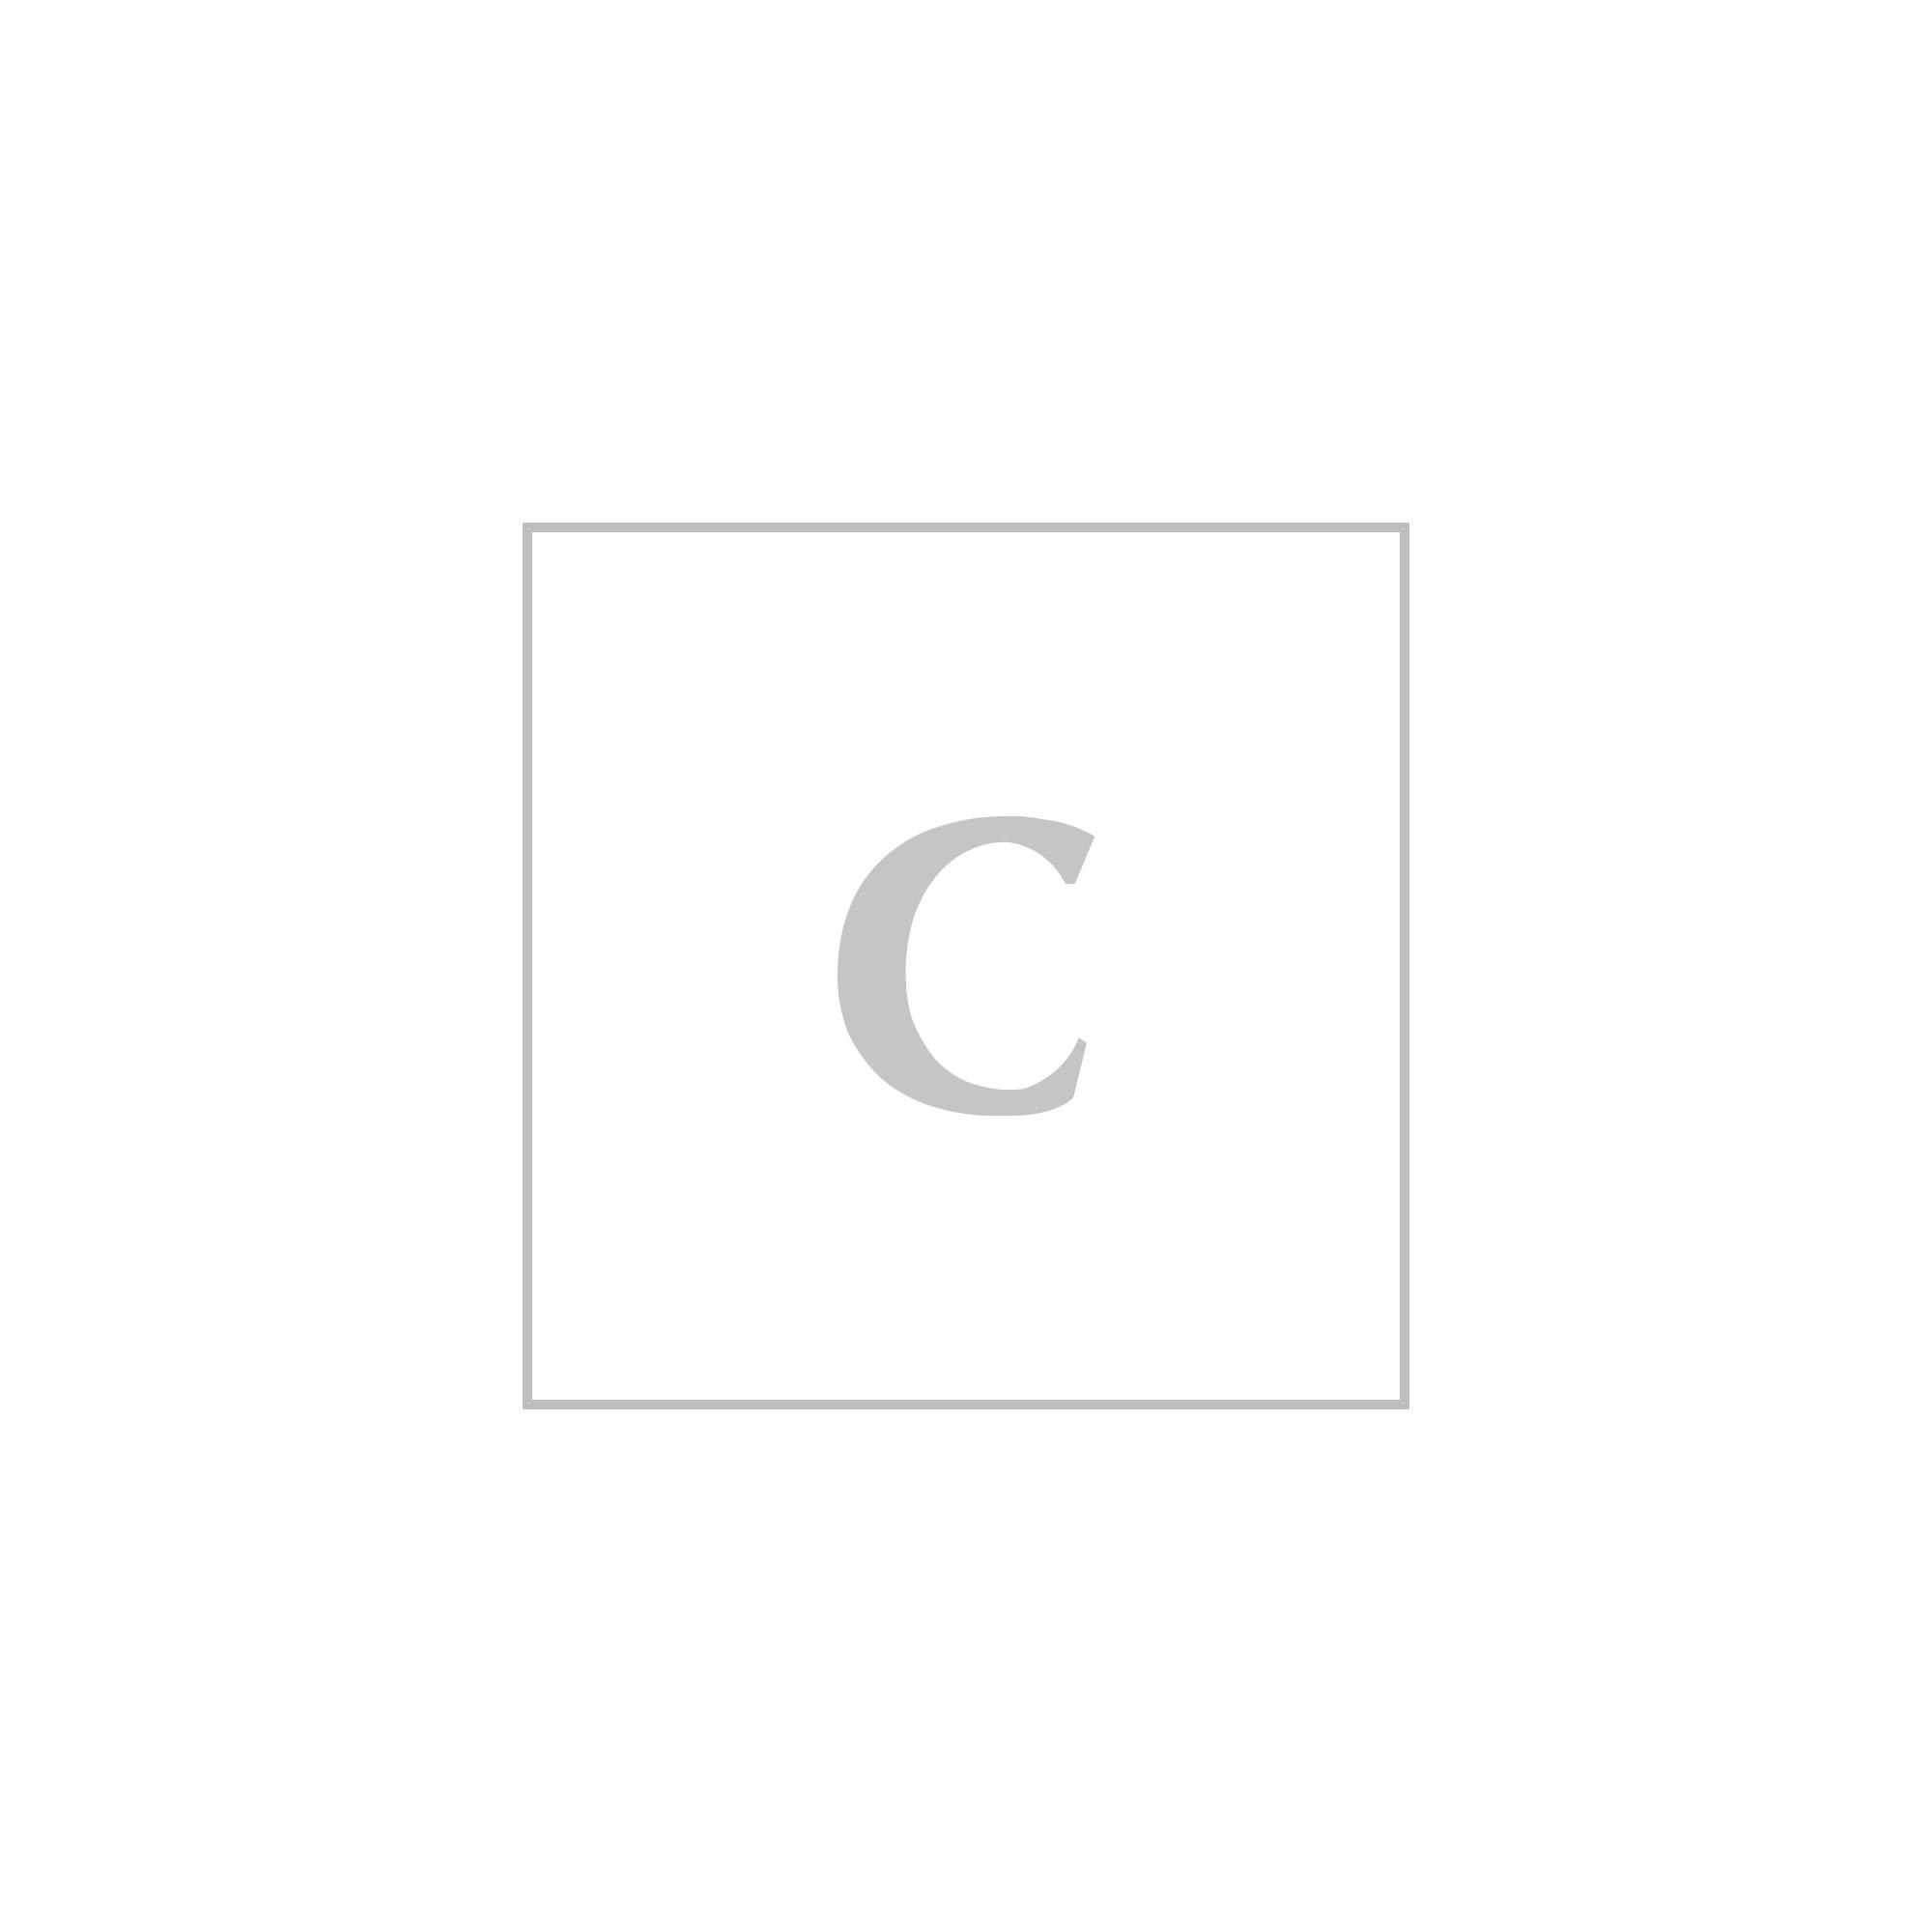 Burberry borsa small clifton